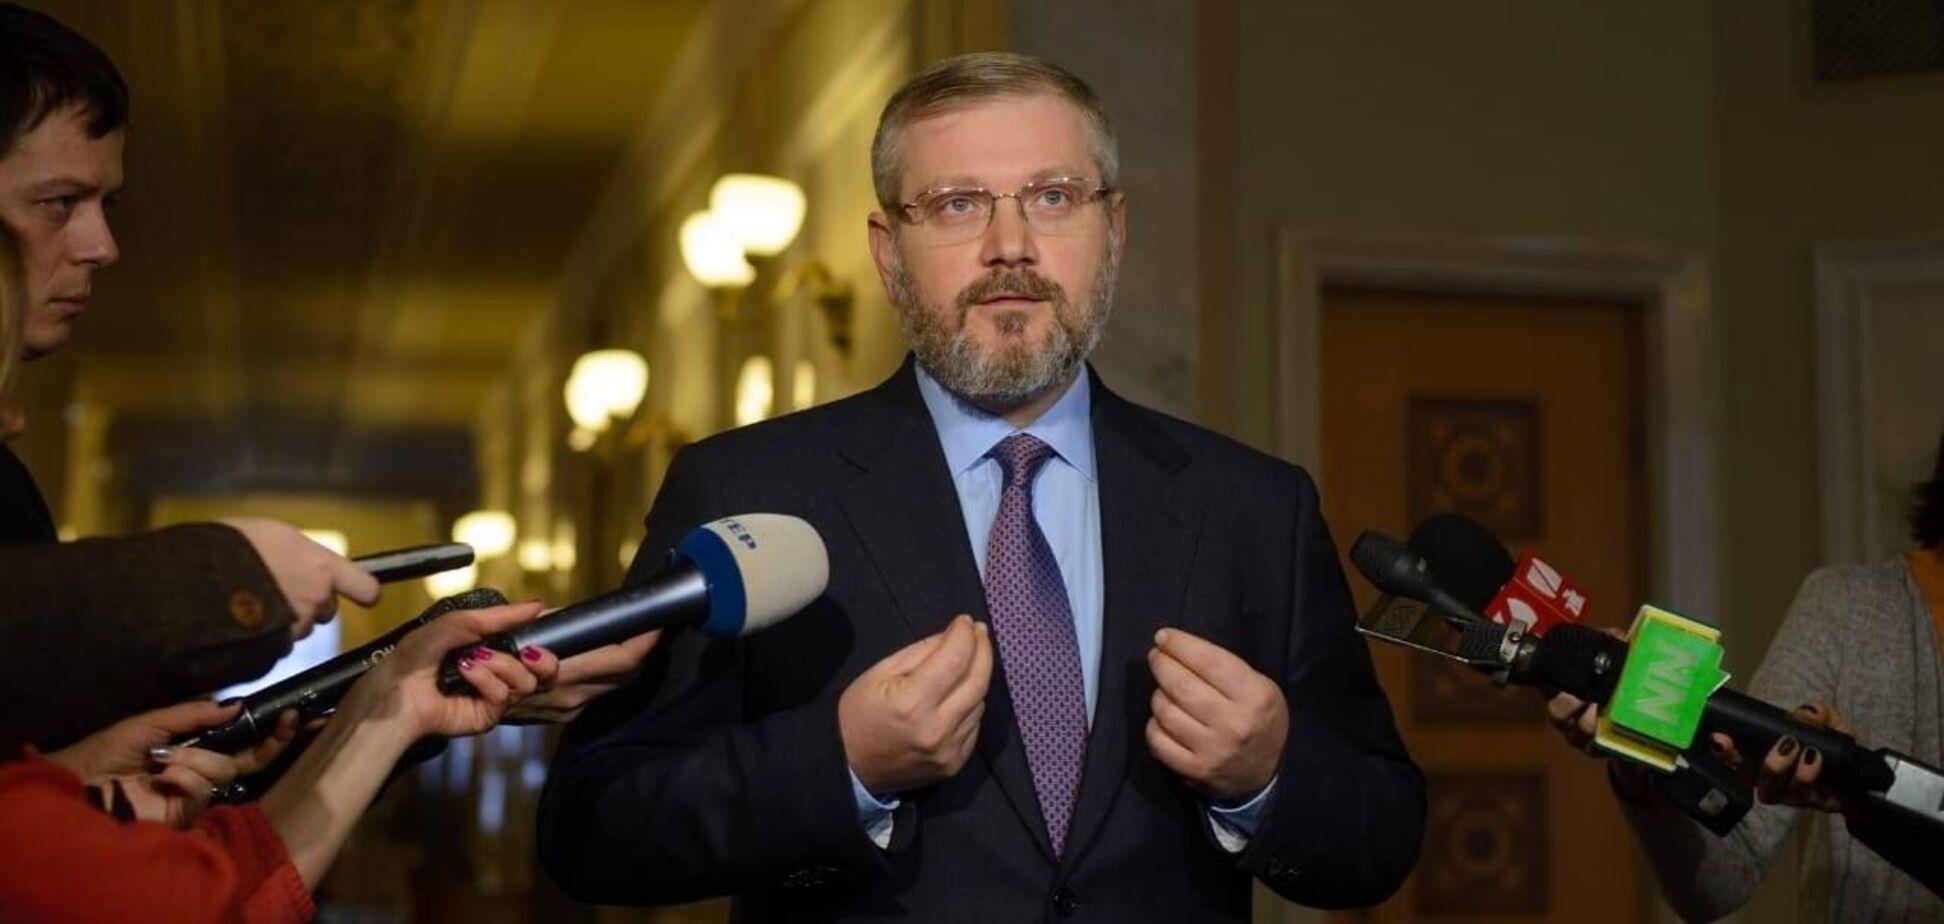 Александр Вилкул может быть причастен к воровству денег из бюджета Кривого Рога